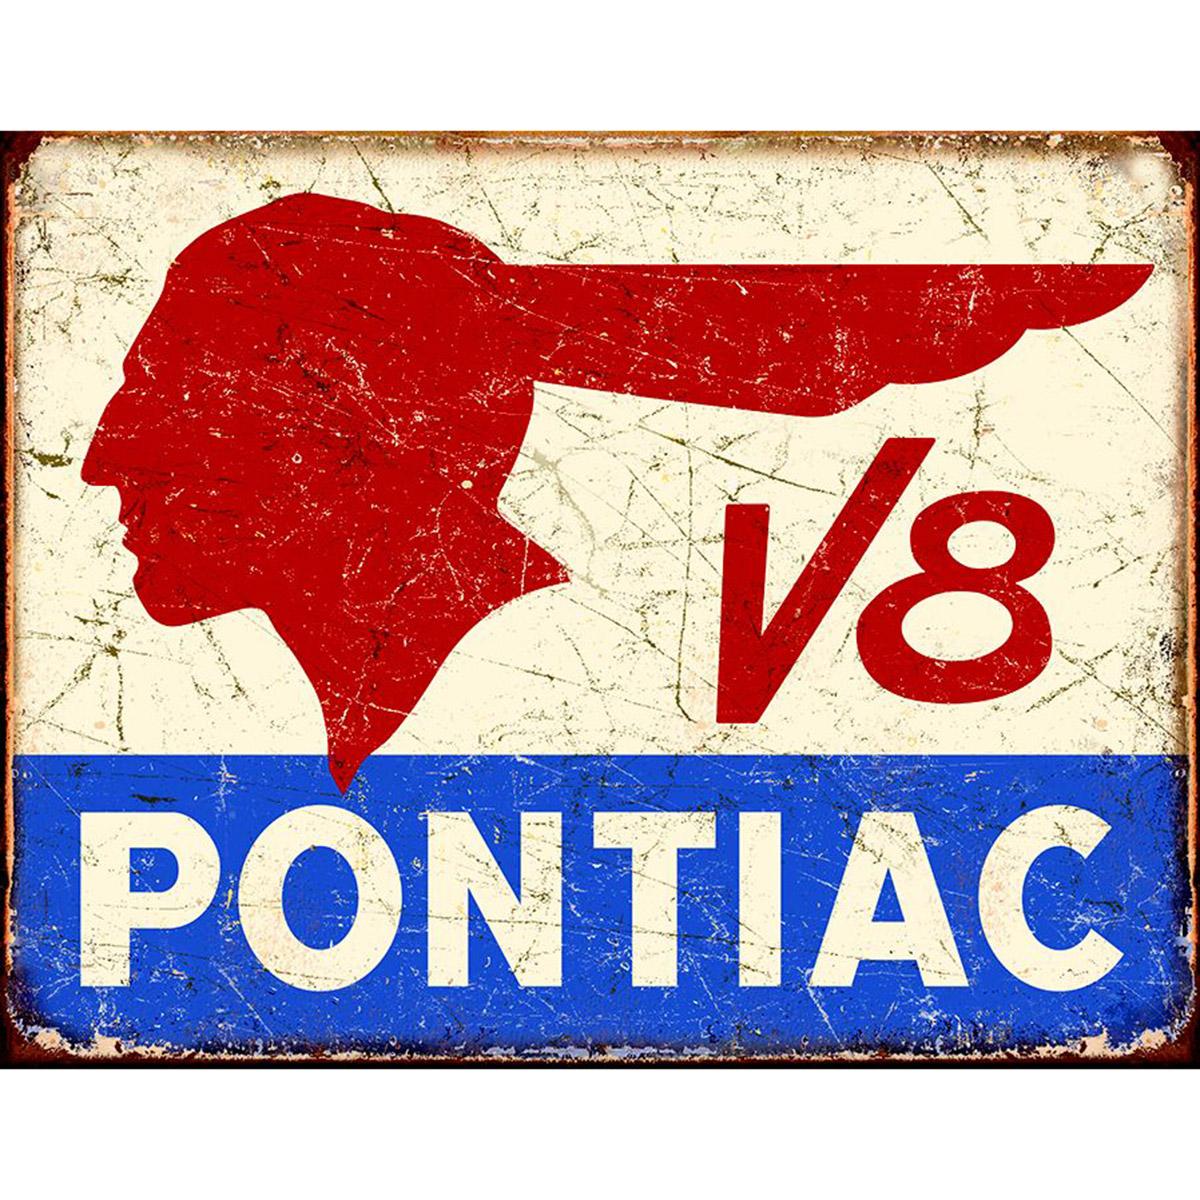 pontiac v8 indian logo metal sign vintage distressed. Black Bedroom Furniture Sets. Home Design Ideas